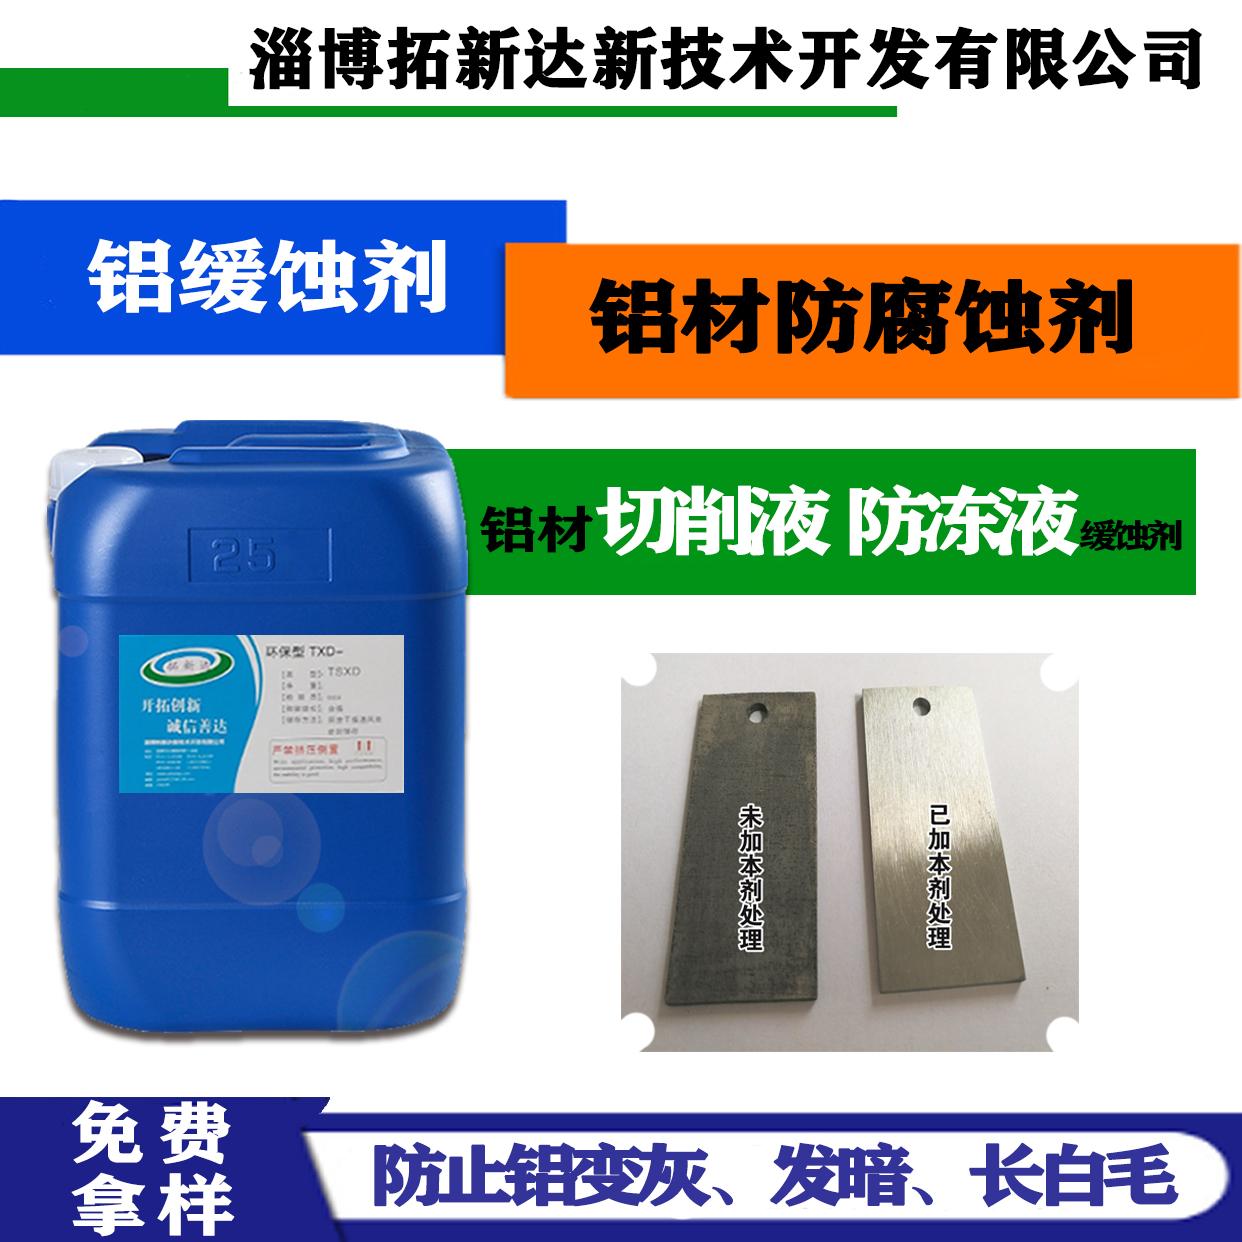 水性铝合金缓蚀剂 铝防腐蚀剂不含硅氮磷铝缓蚀剂压铸铝缓蚀剂